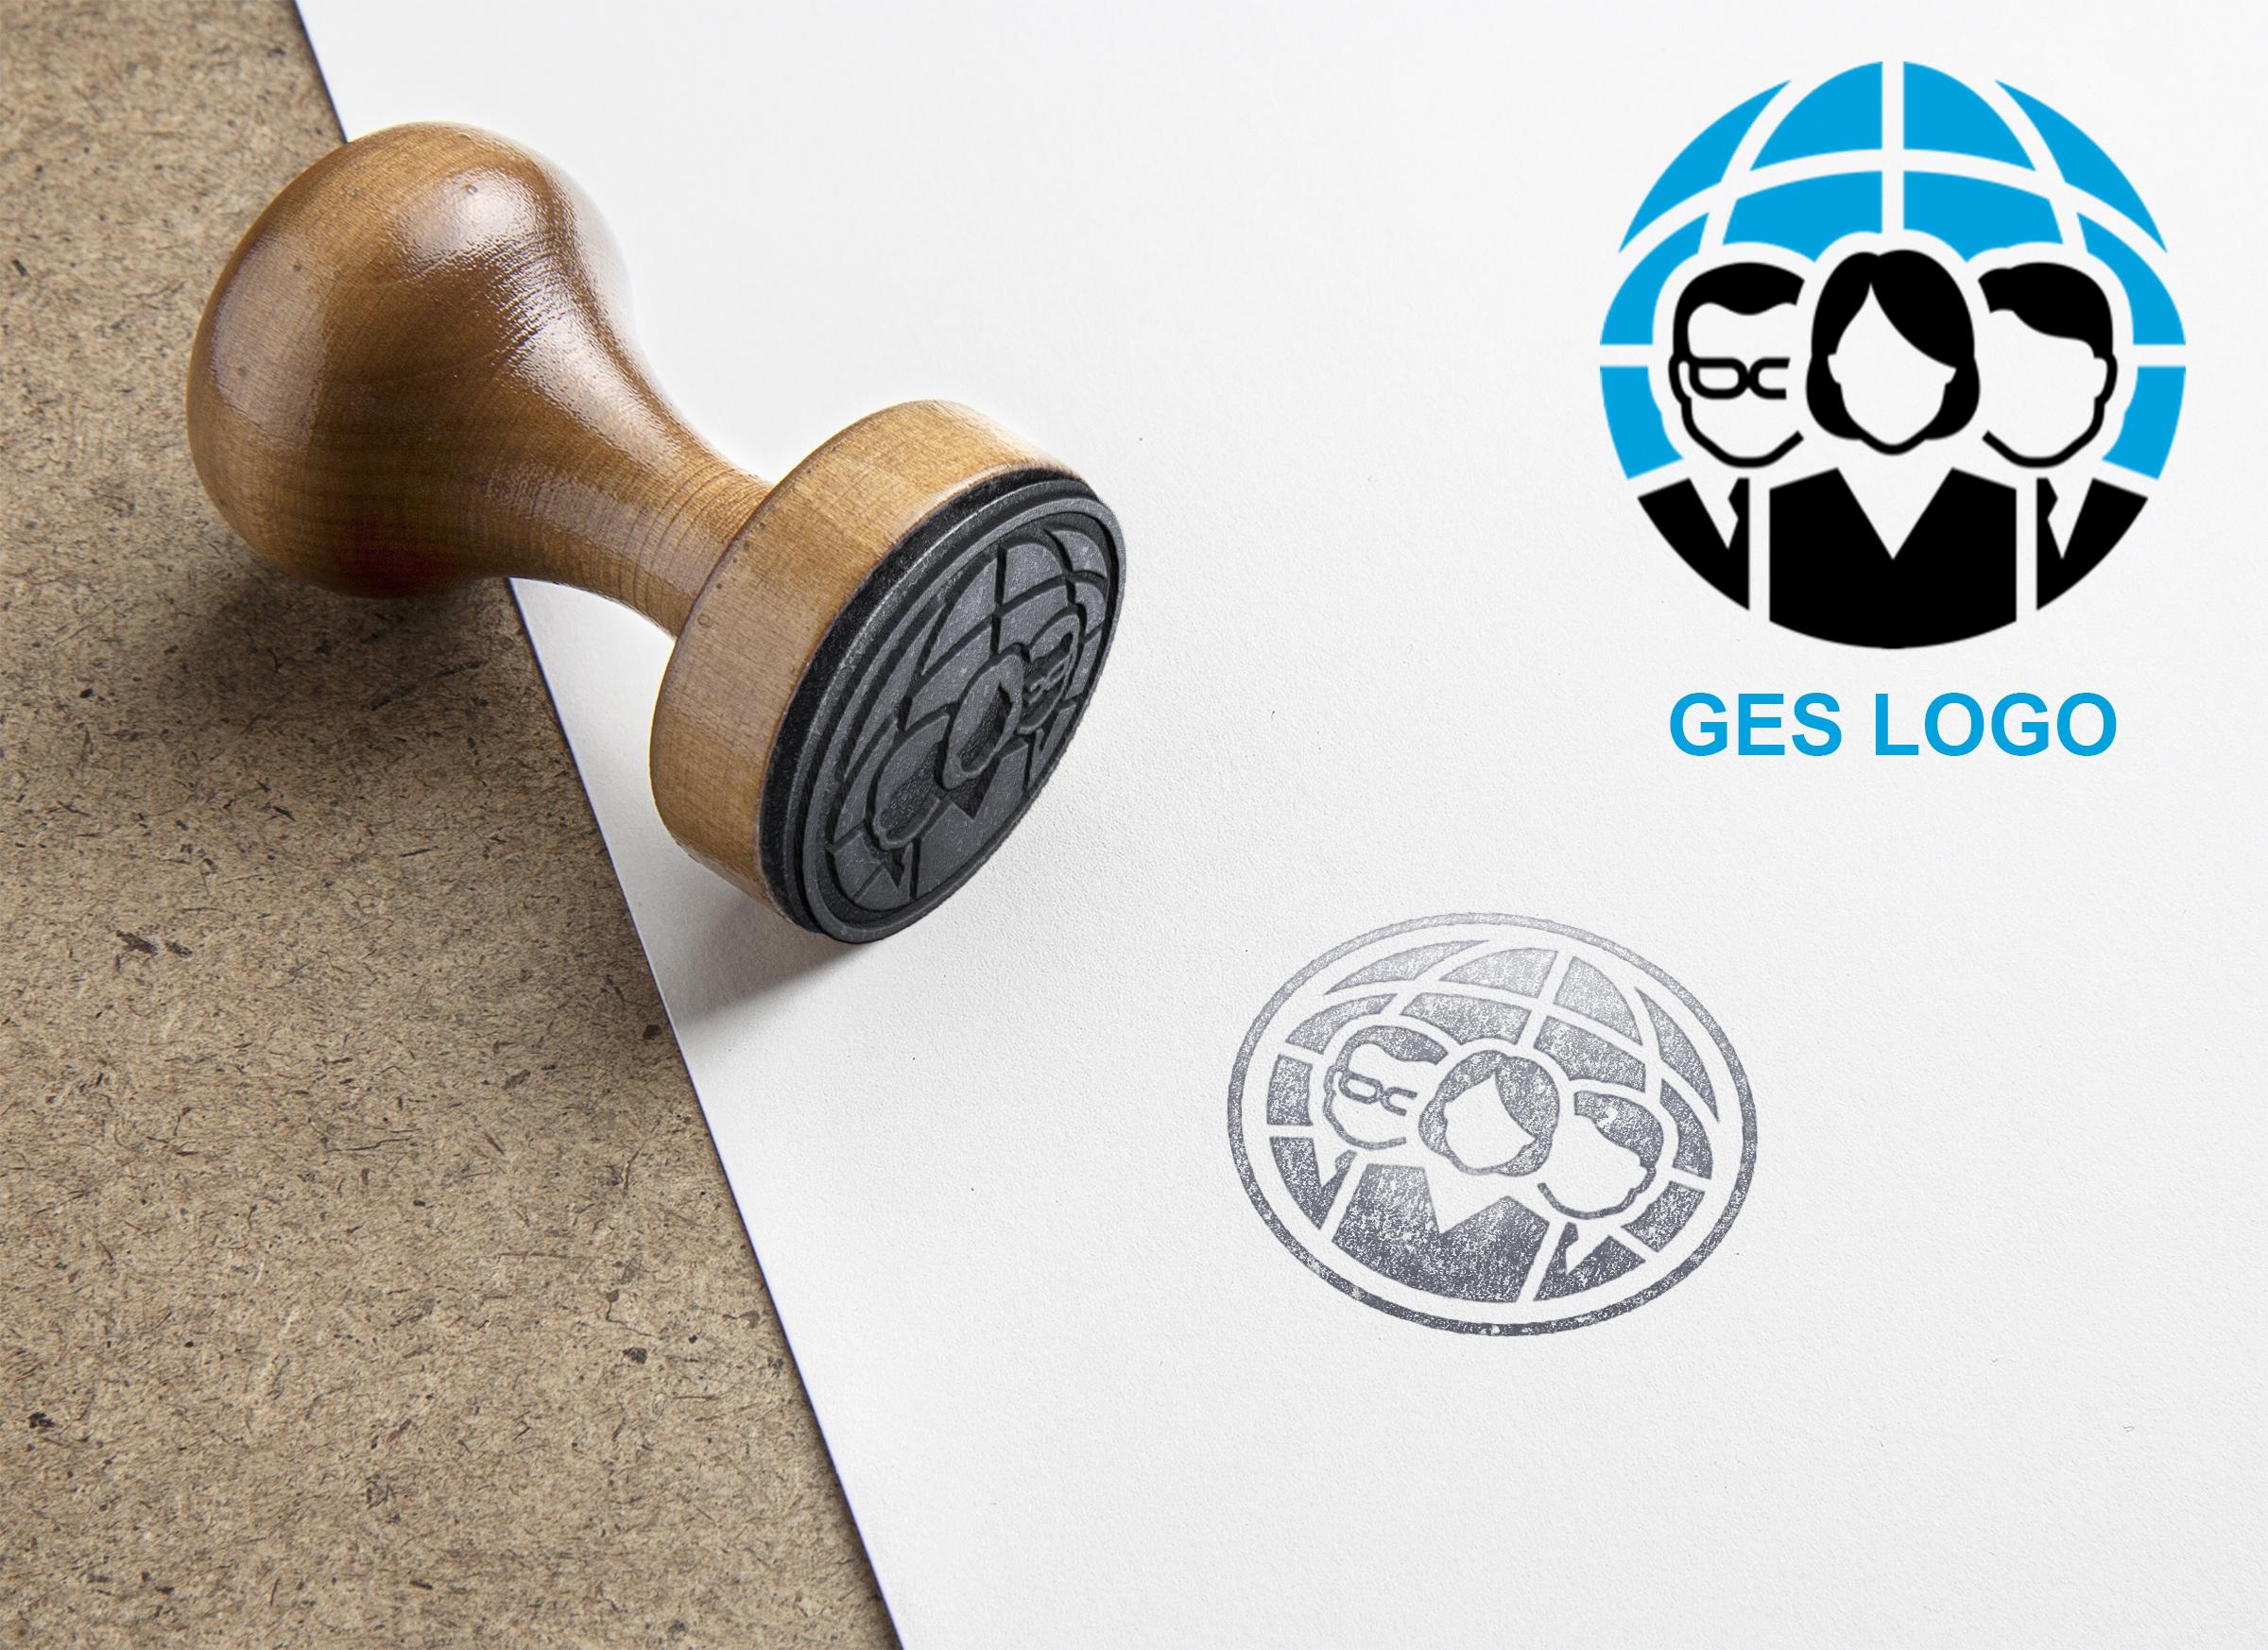 G.E.S. LOGO